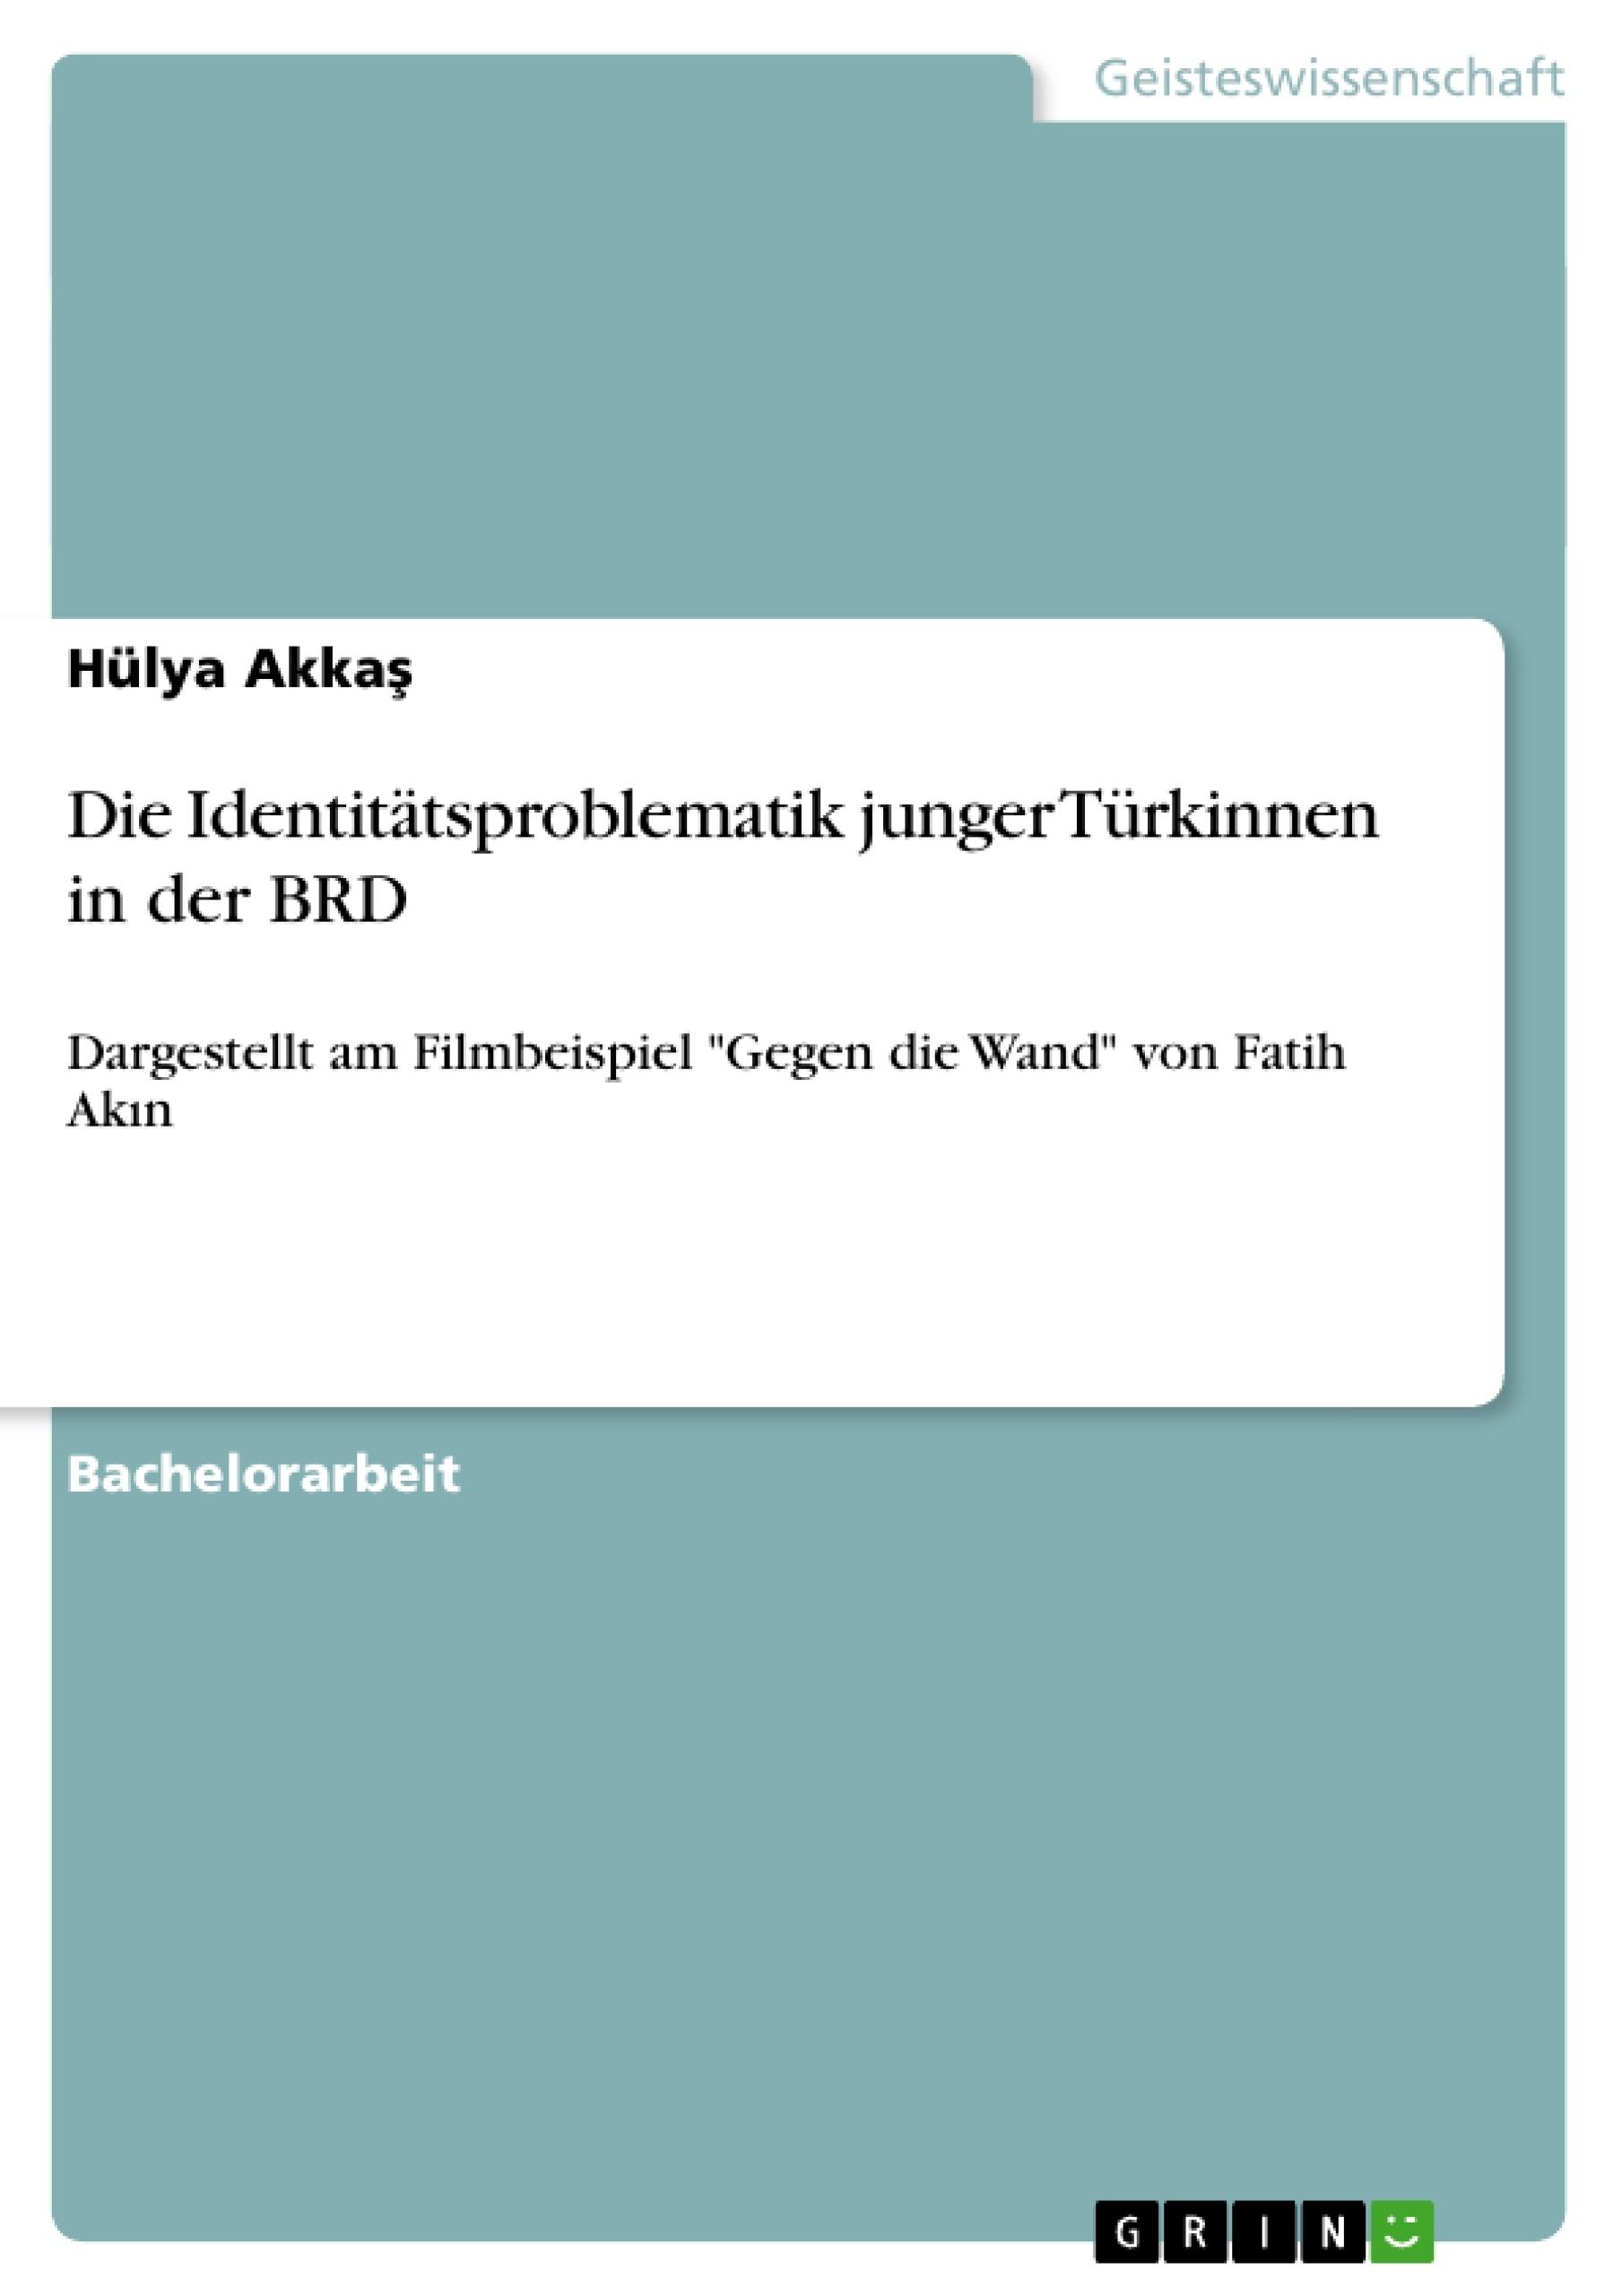 Titel: Die Identitätsproblematik junger Türkinnen in der BRD